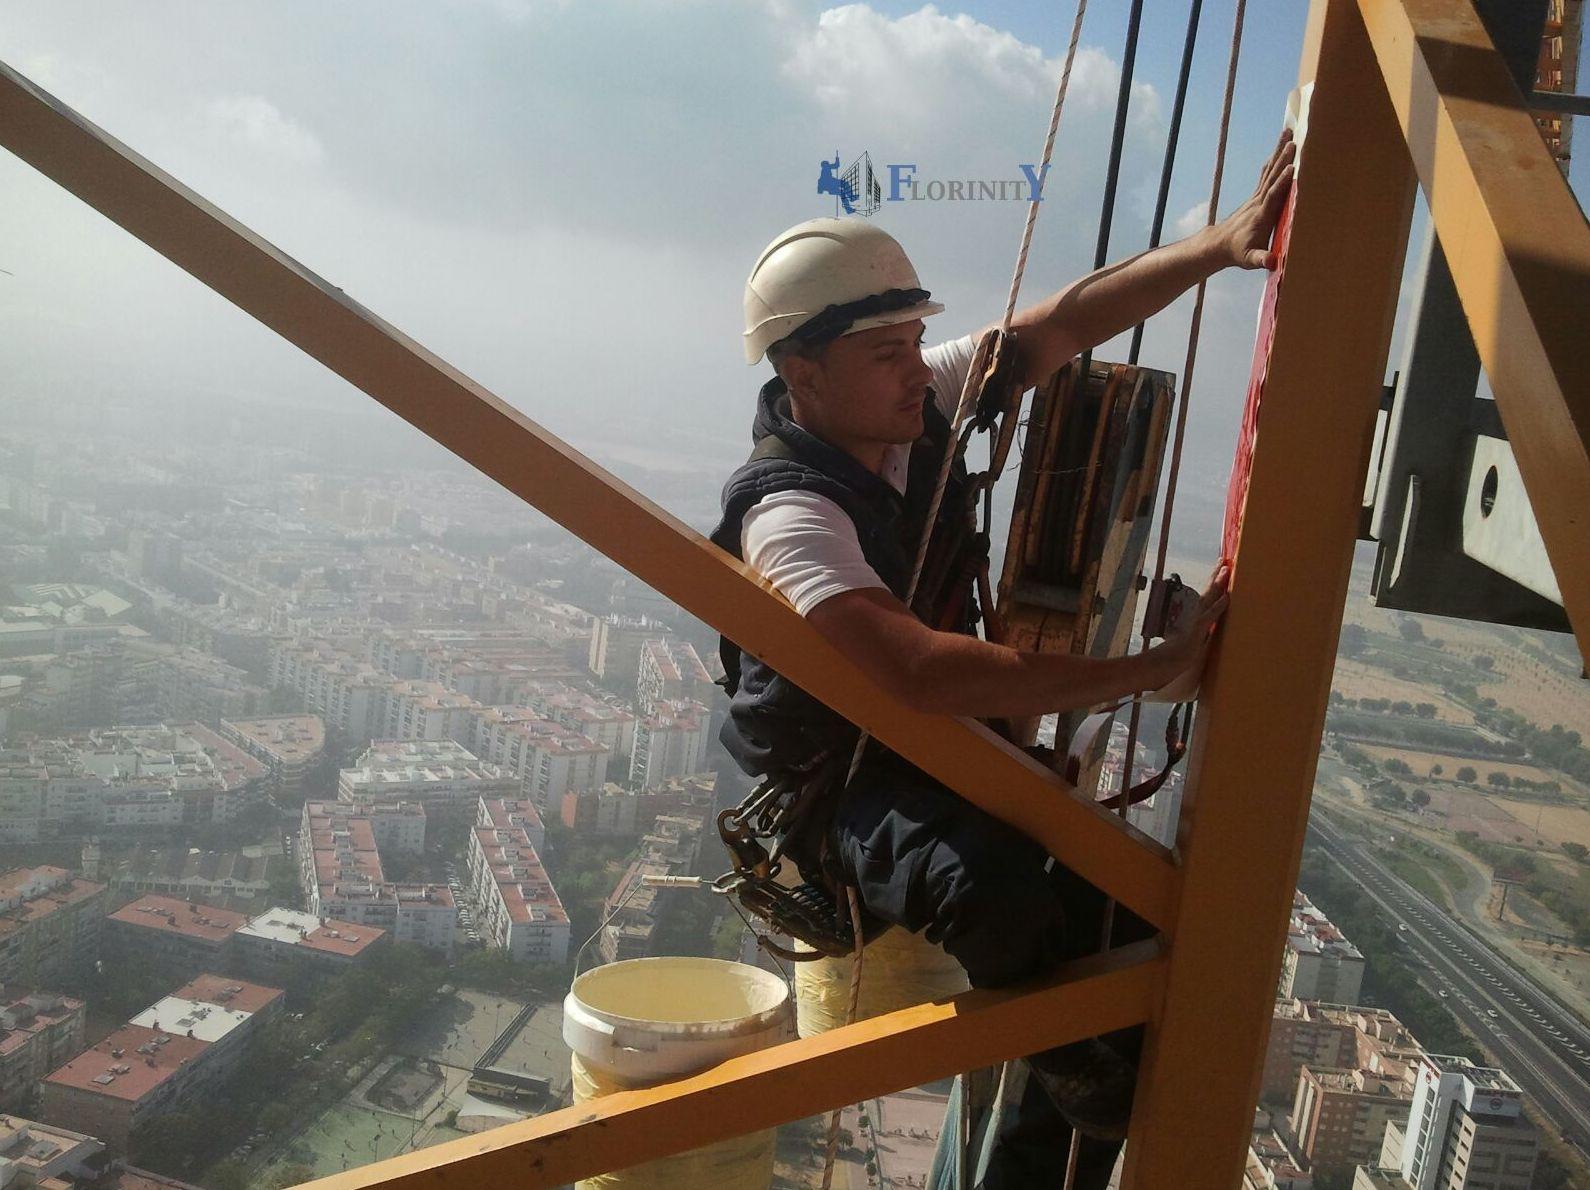 Trabajos verticales Mallorca |Trabajos Verticales Florinity